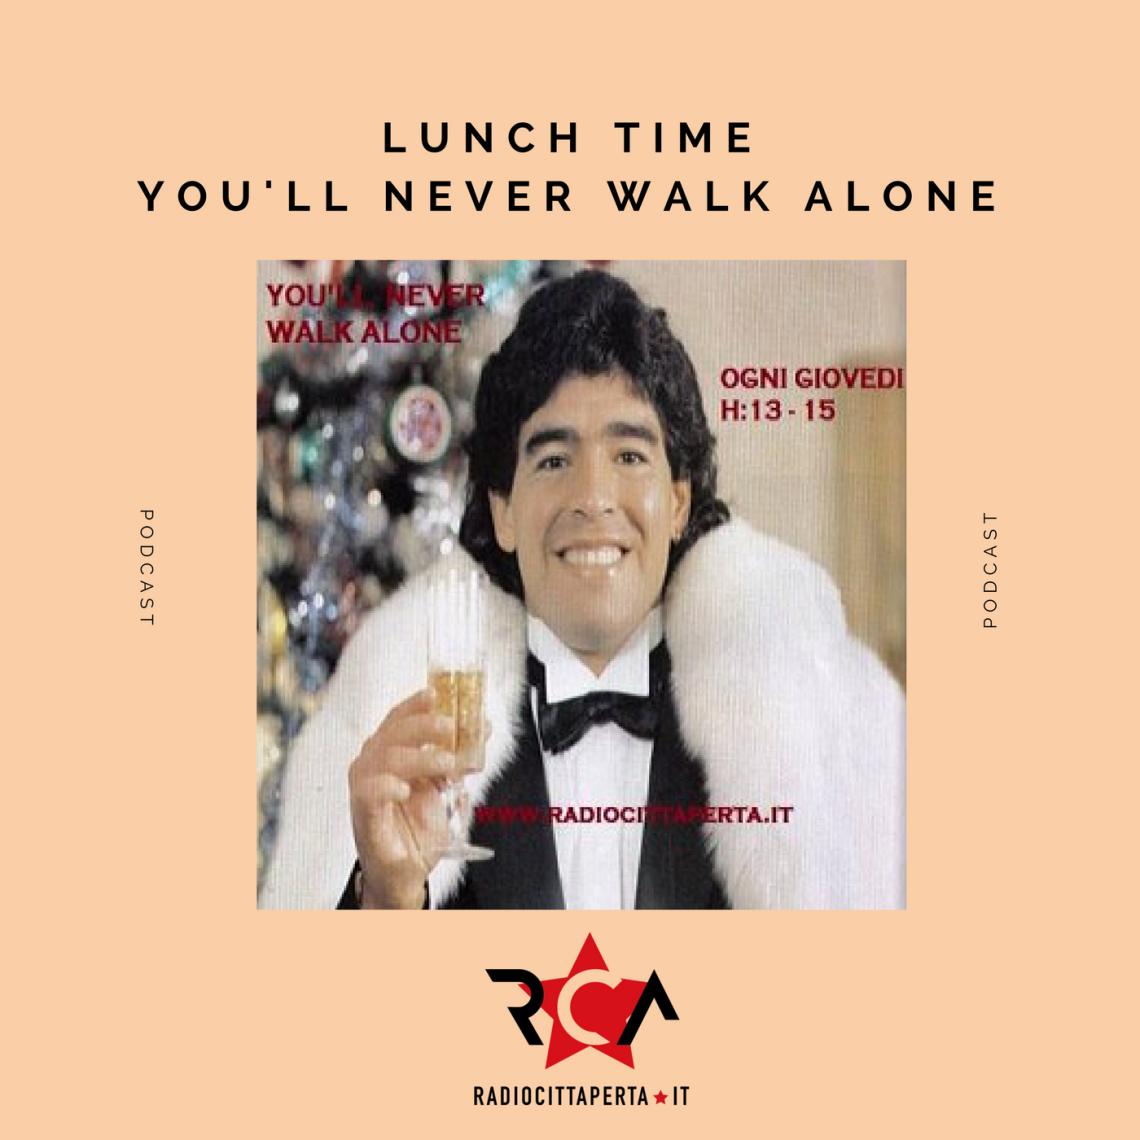 LUNCH TIME – YOU'LL NEVER WALK ALONE con YURI del 01-02-2018